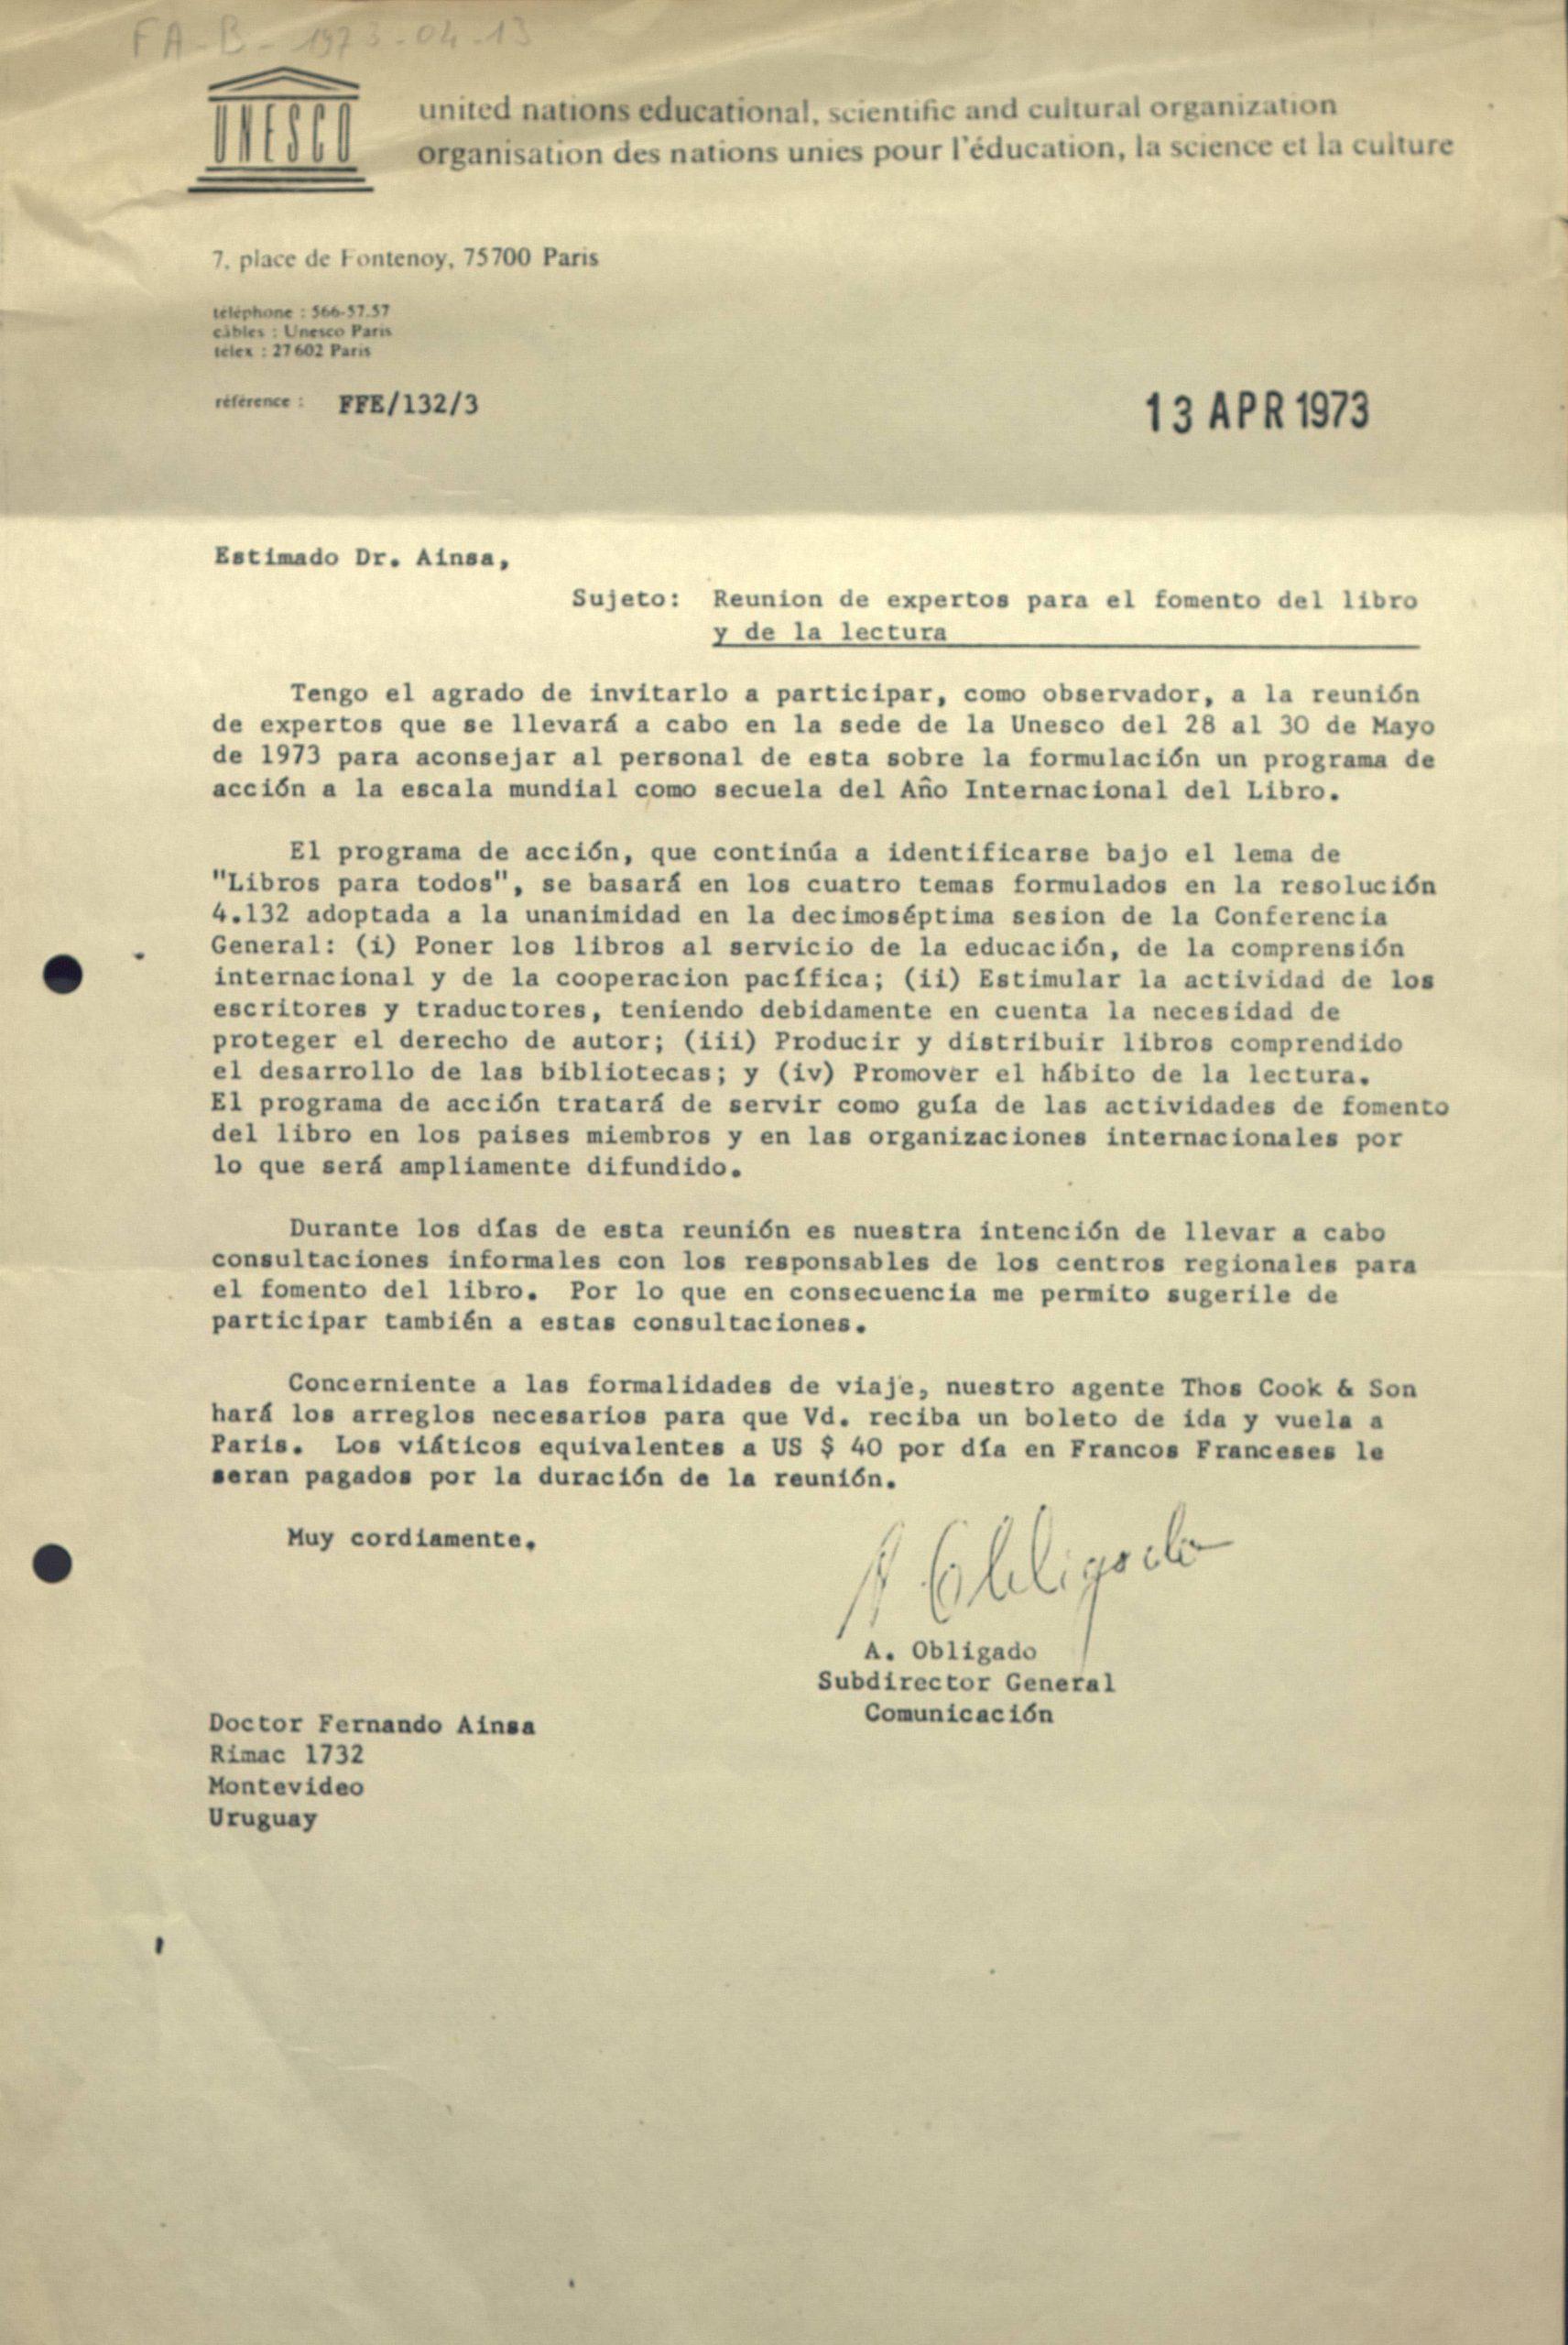 Invitation de Fernando Aínsa en tant qu'observateur, à la réunion d'expertise au siège de l'UNESCO du 28 au 30 mai 1973. Il sera chargé de conseiller les participants sur l'élaboration d'un programme d'action à l'échelle mondiale suite à l'Année Internationale du Livre. La lettre est signée par le Sous-directeur général de la Communication de l'Unesco; un an avant l'intégration de Fernando Aínsa à l'Unesco en tant que directeur littéraire des Éditions UNESCO. Il y travaillera de 1974 à 1999.